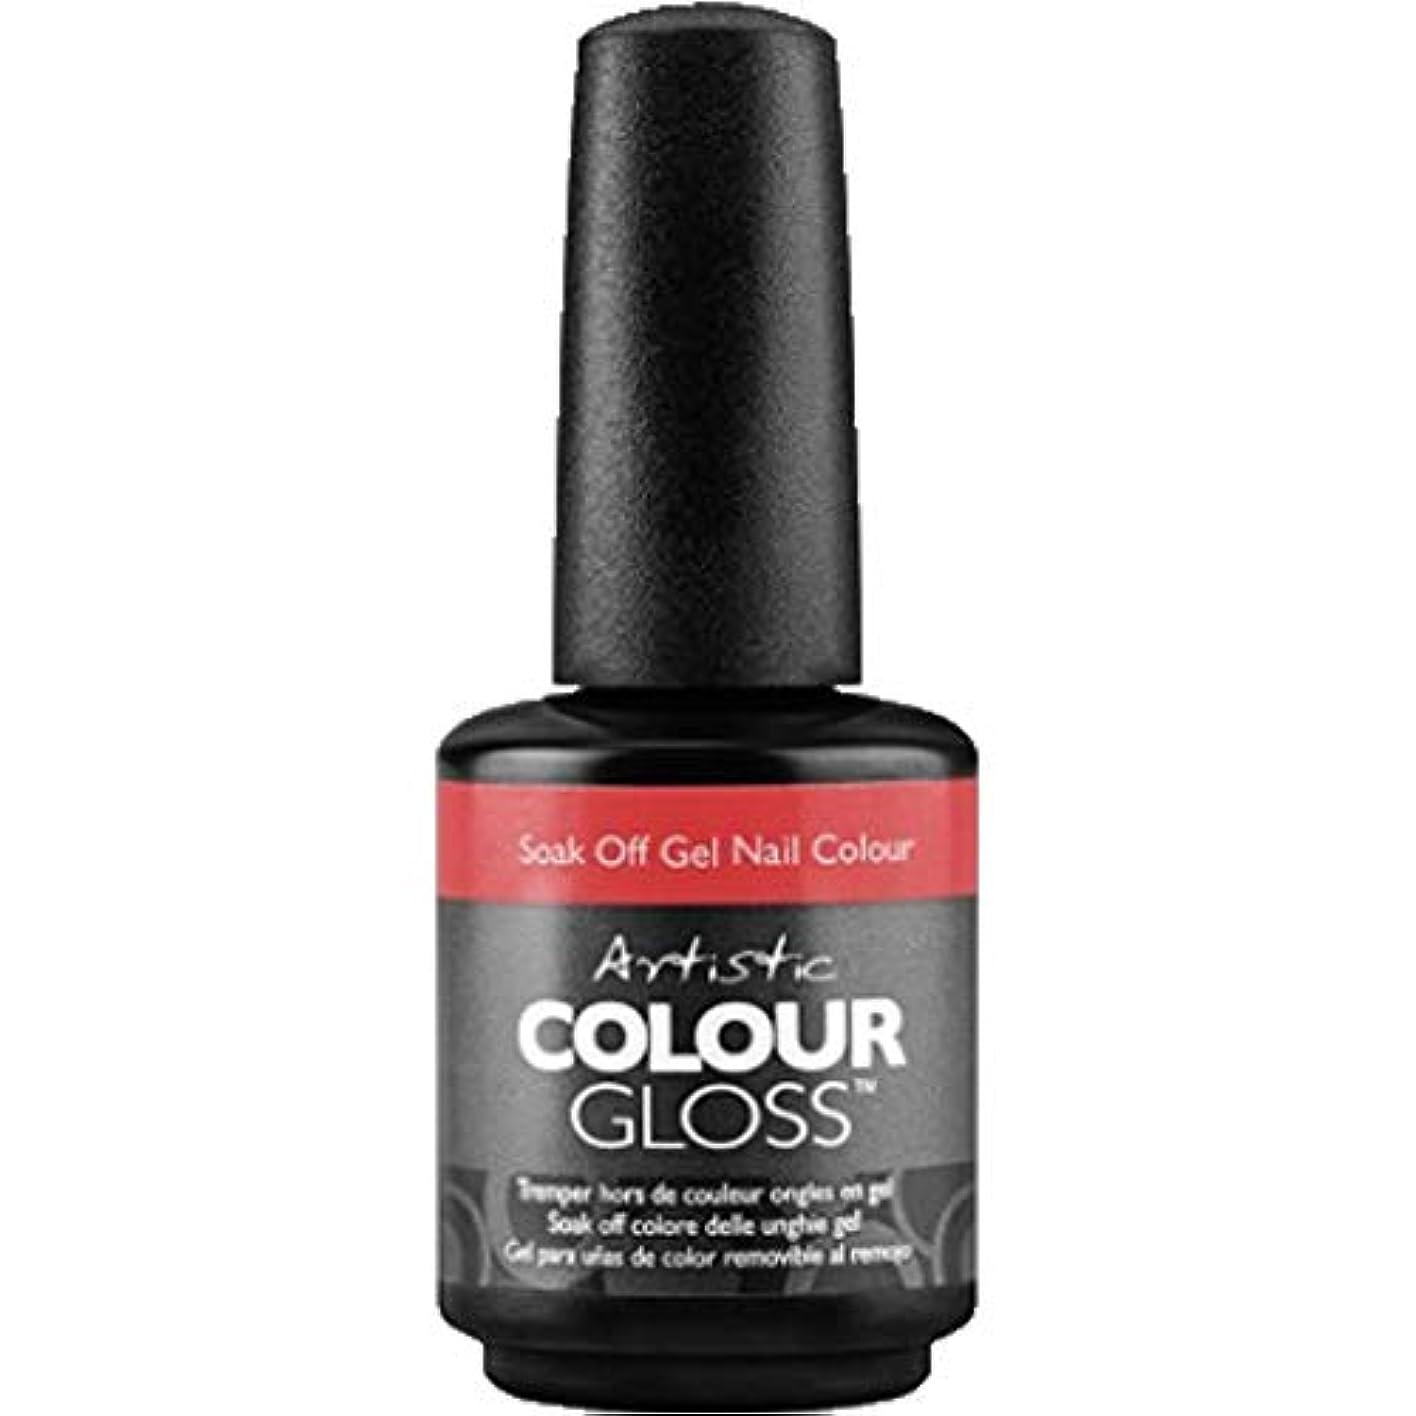 限界限定ホテルArtistic Colour Gloss - Mischief is my Middle Name - 0.5oz / 15ml